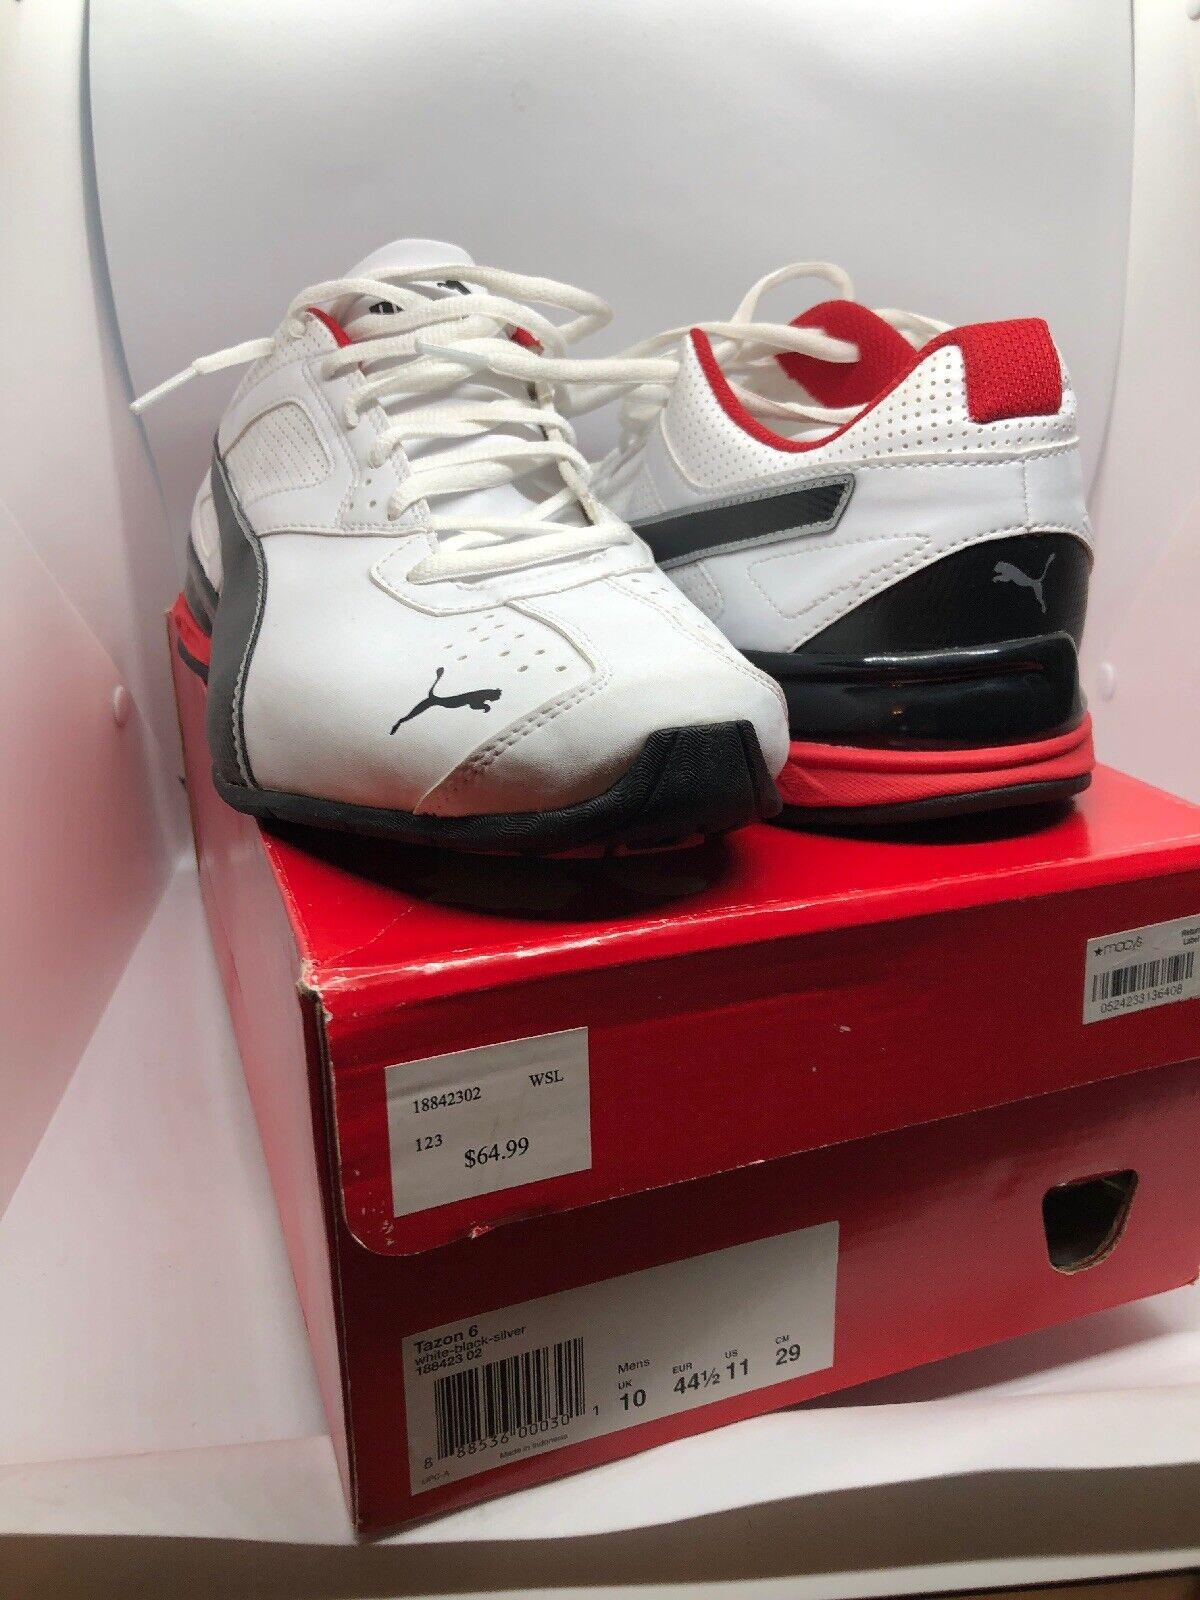 PUMA Tazon 6 Para hombres Zapatos Zapatillas Running 11 blancooo Negro Rojo Nuevo Nuevo En Caja